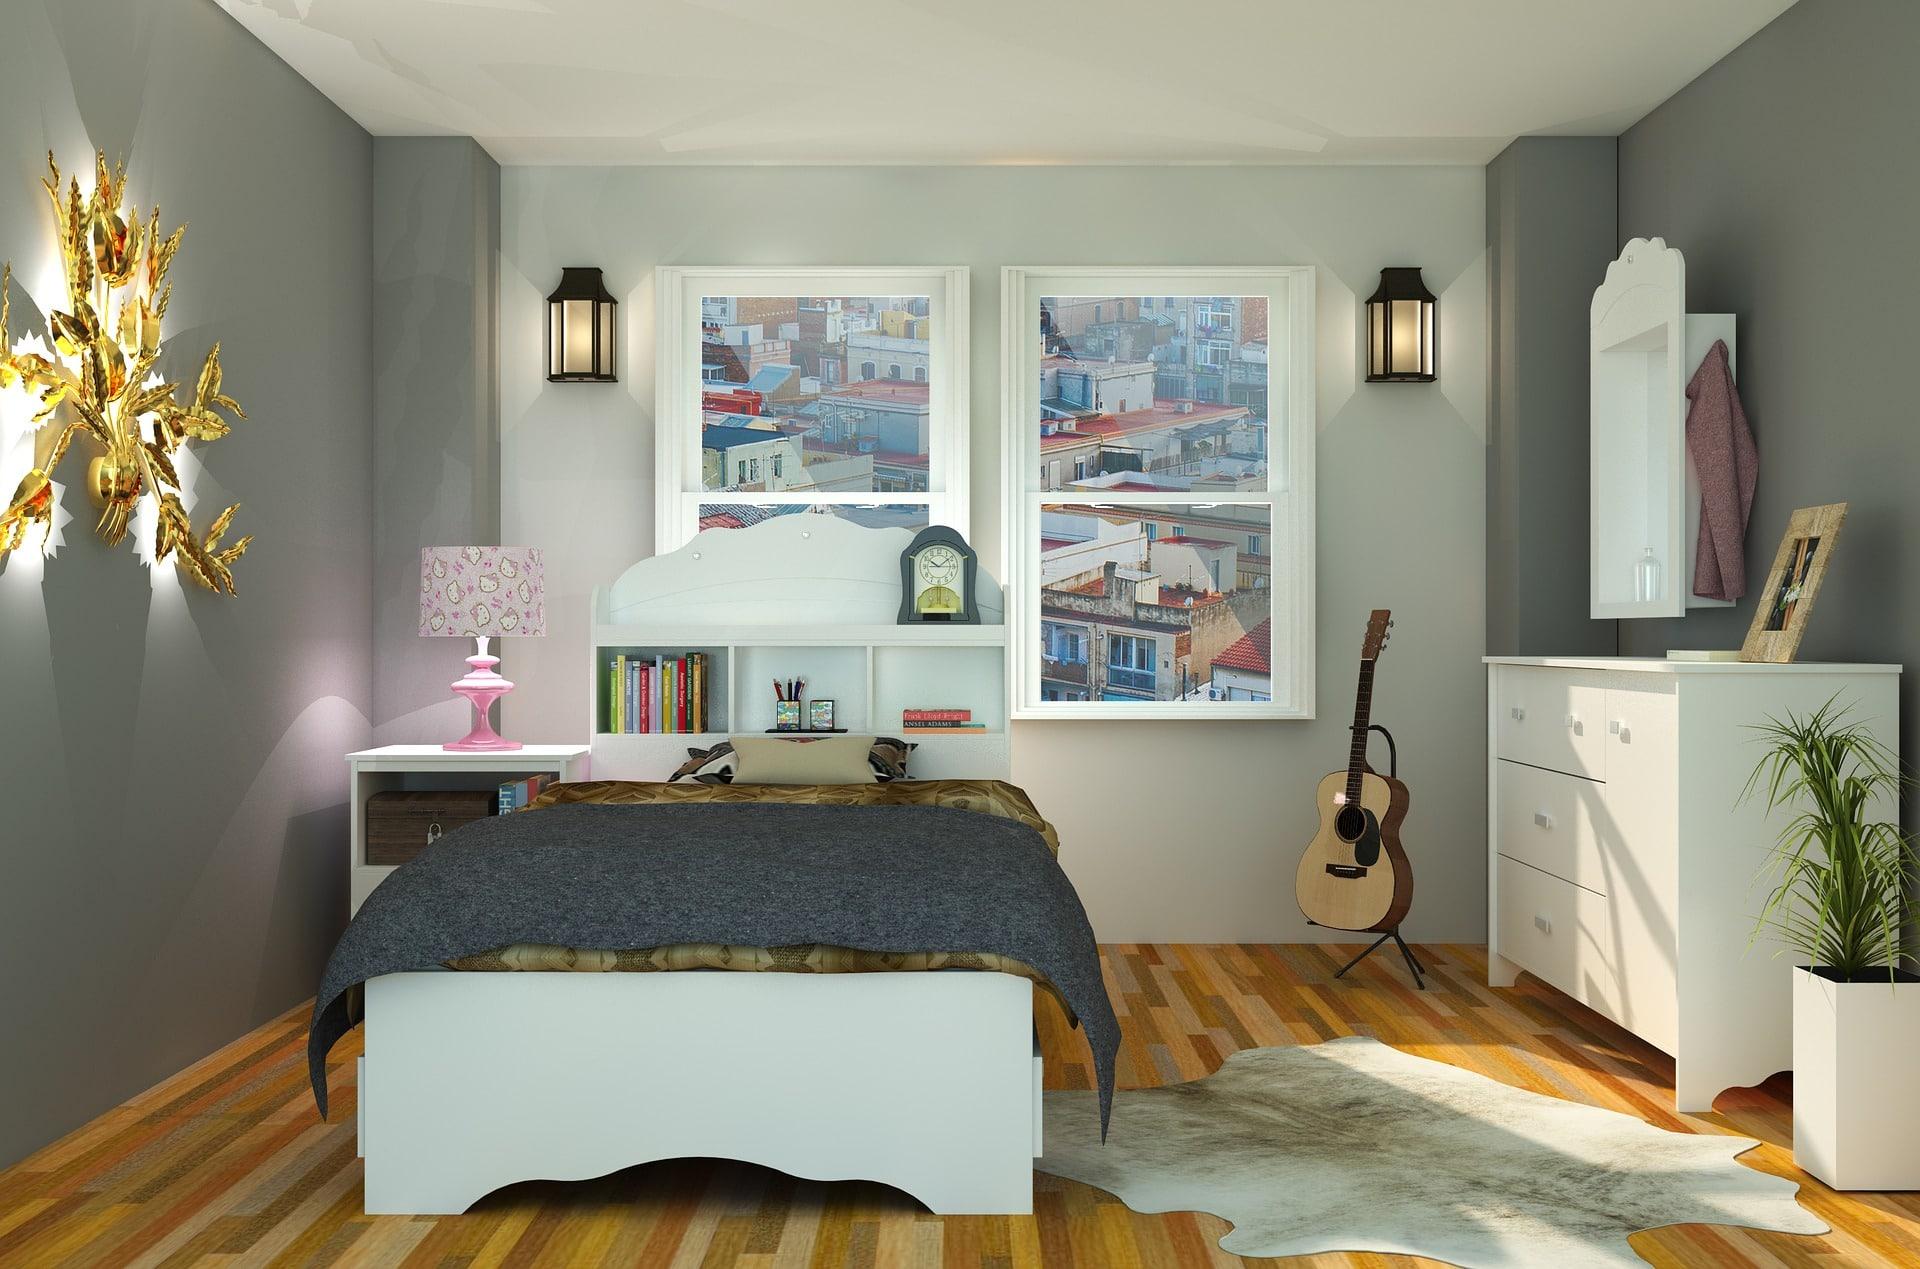 tete de lit sur mesure, lit suerpose sur mesure, lit superposé sur mesure, tête de lit sur mesure, lit enfant sur mesure, lit coffre sur mesure, fabricant lit haut de gamme